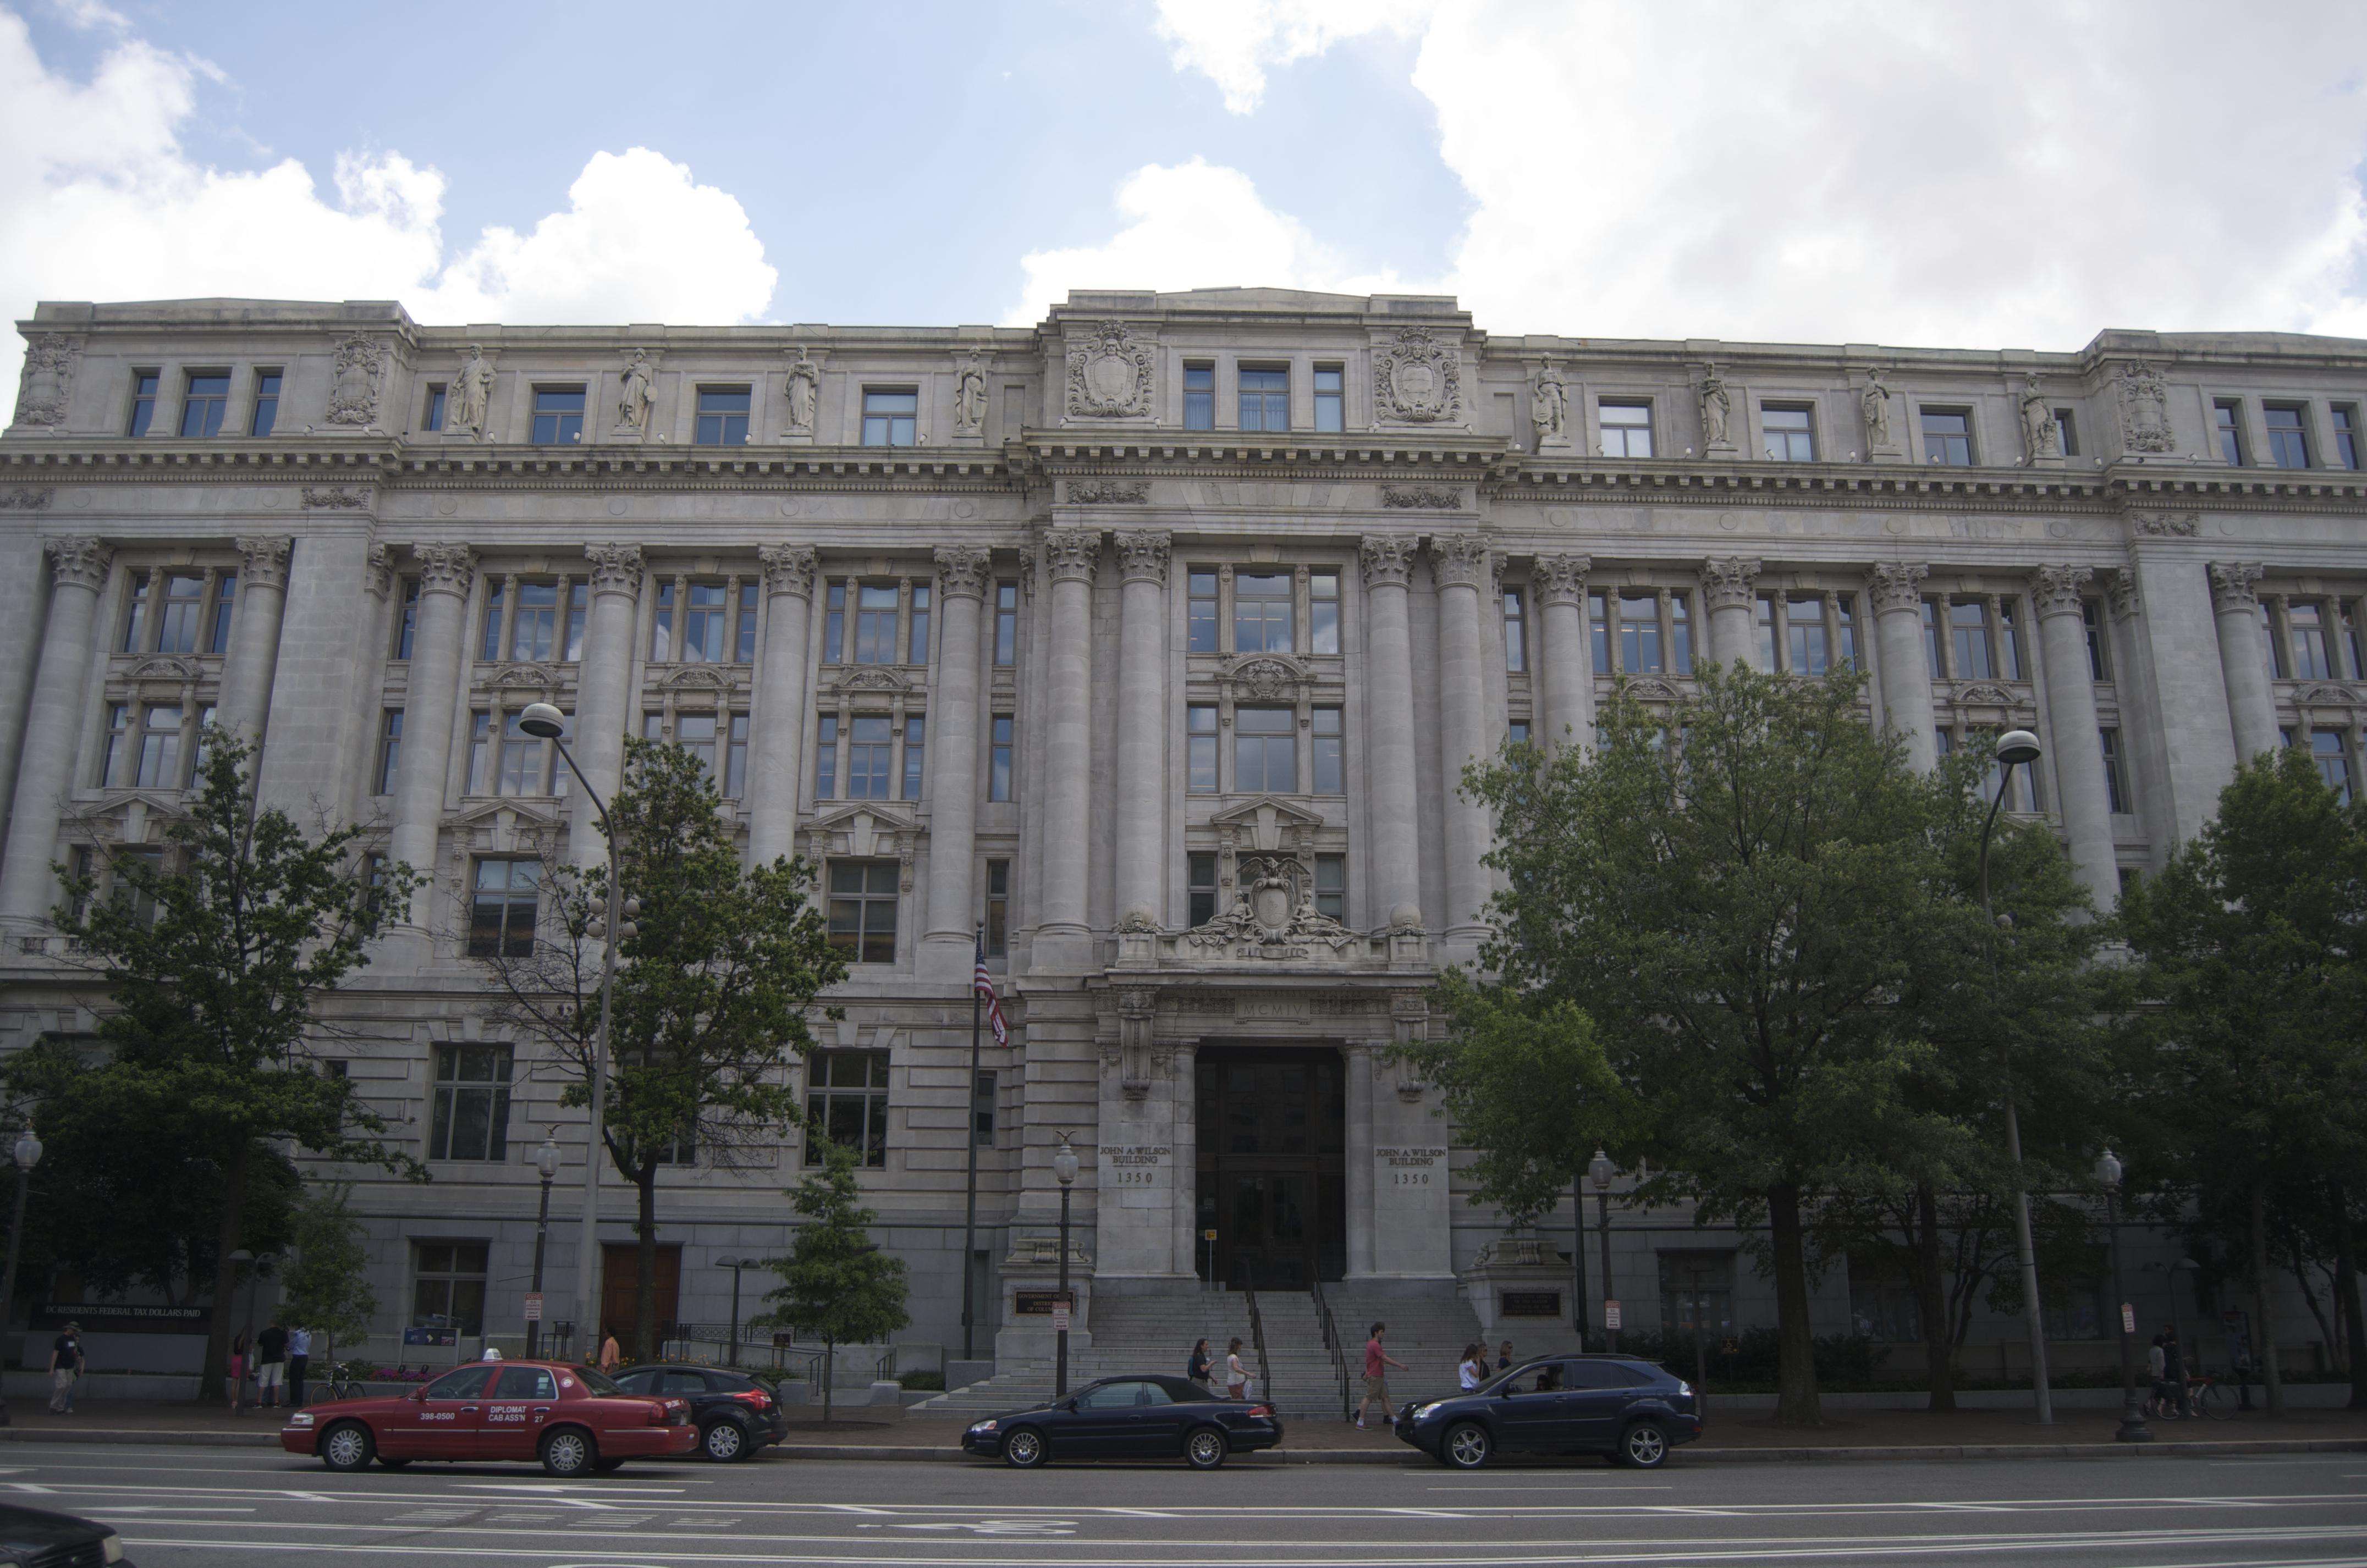 John A. Wilson Building